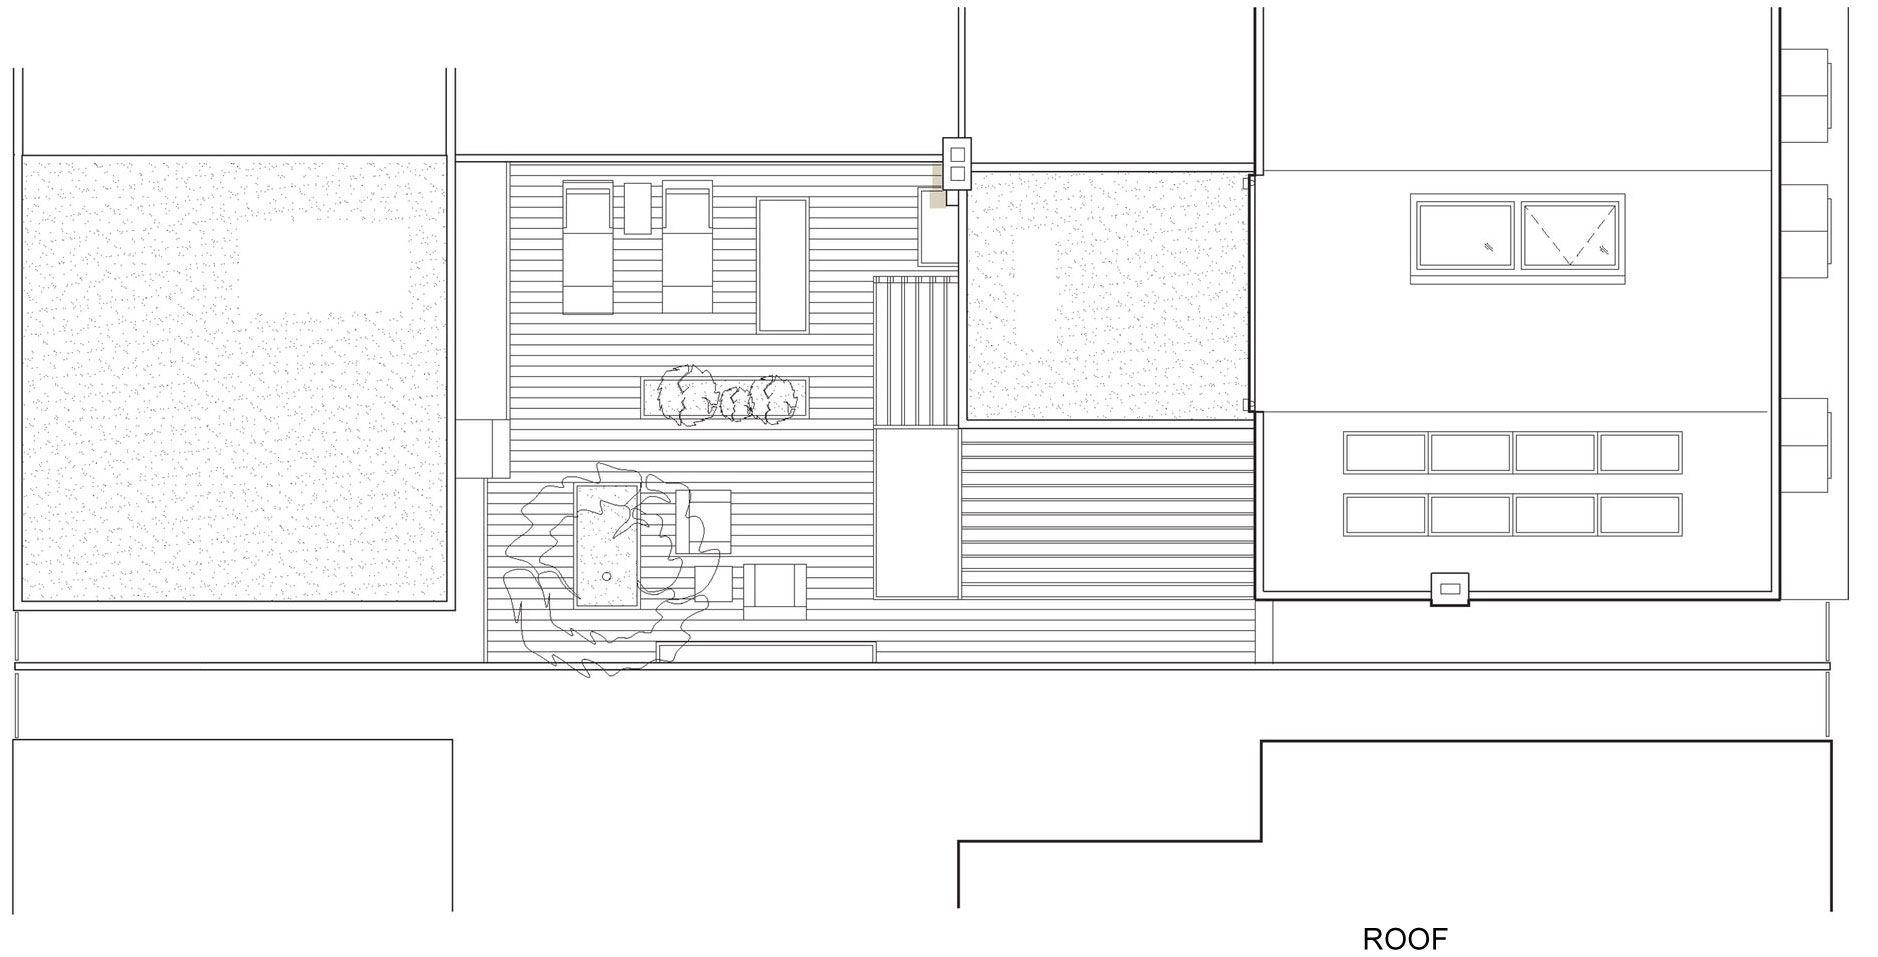 Planos de casa de dos pisos sencilla for Choza de jardin de madera techo plano